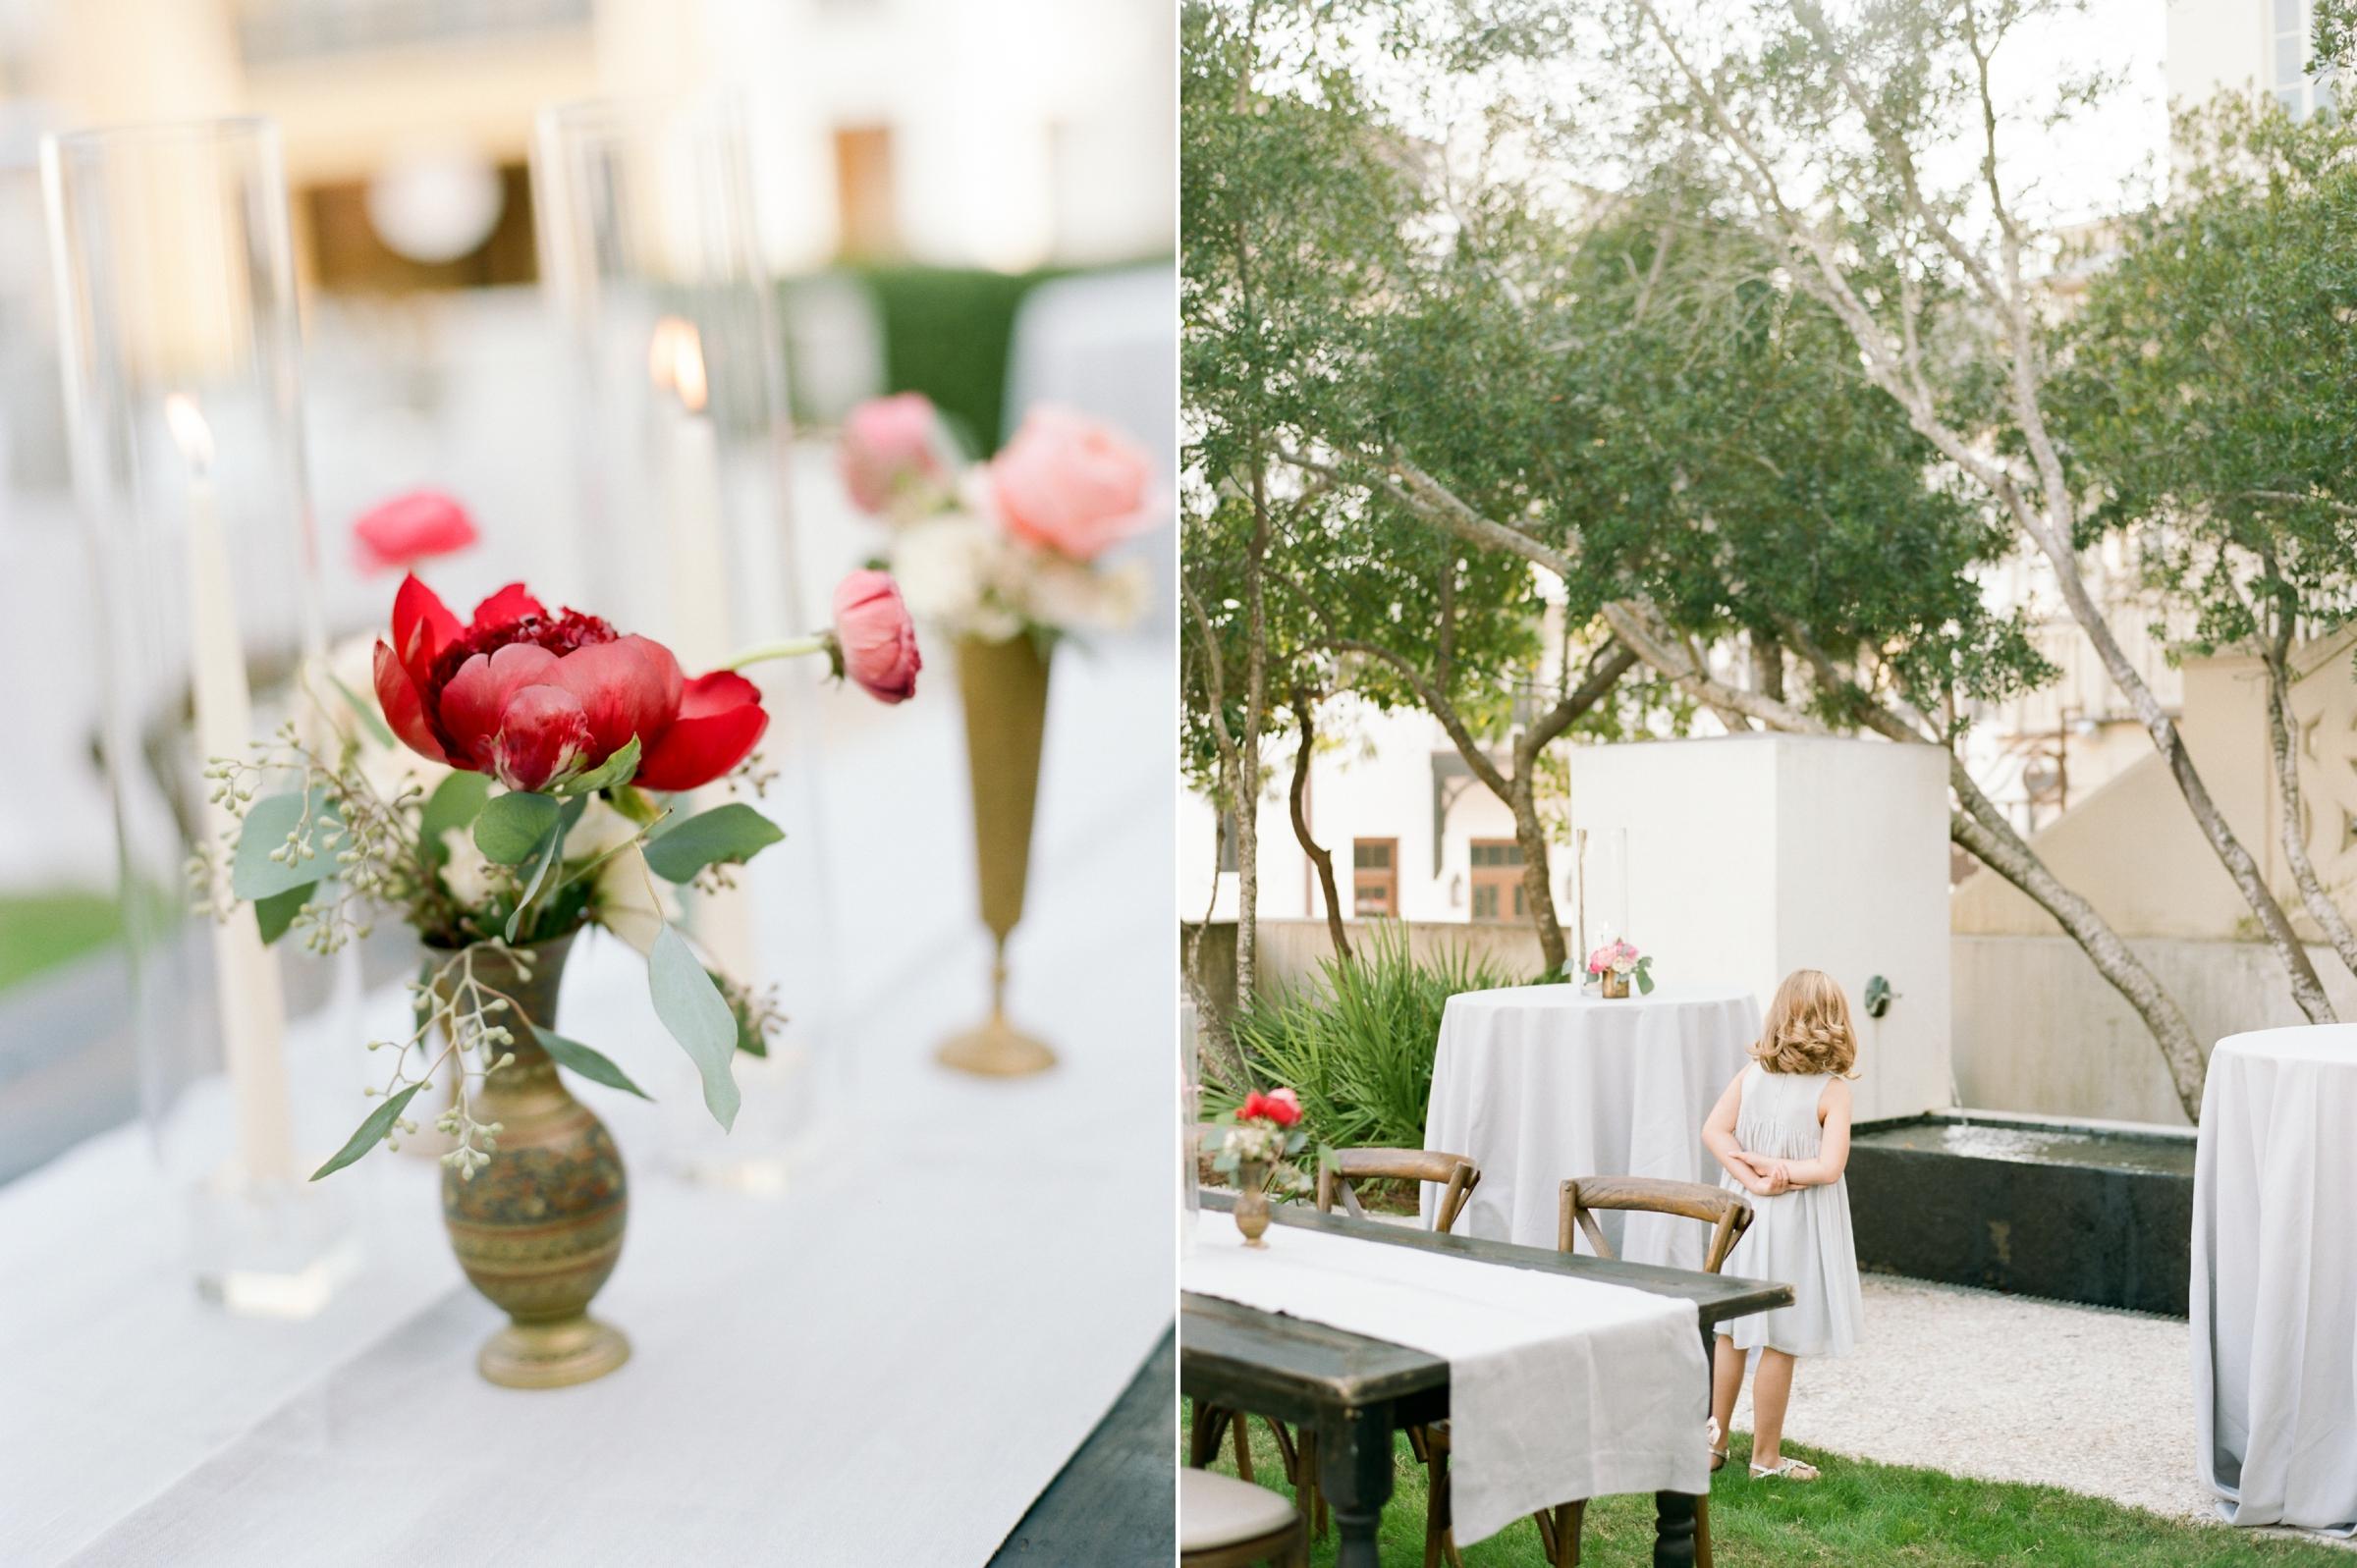 rosemary_beach_wedding_photographer_shannon_griffin_0039.jpg